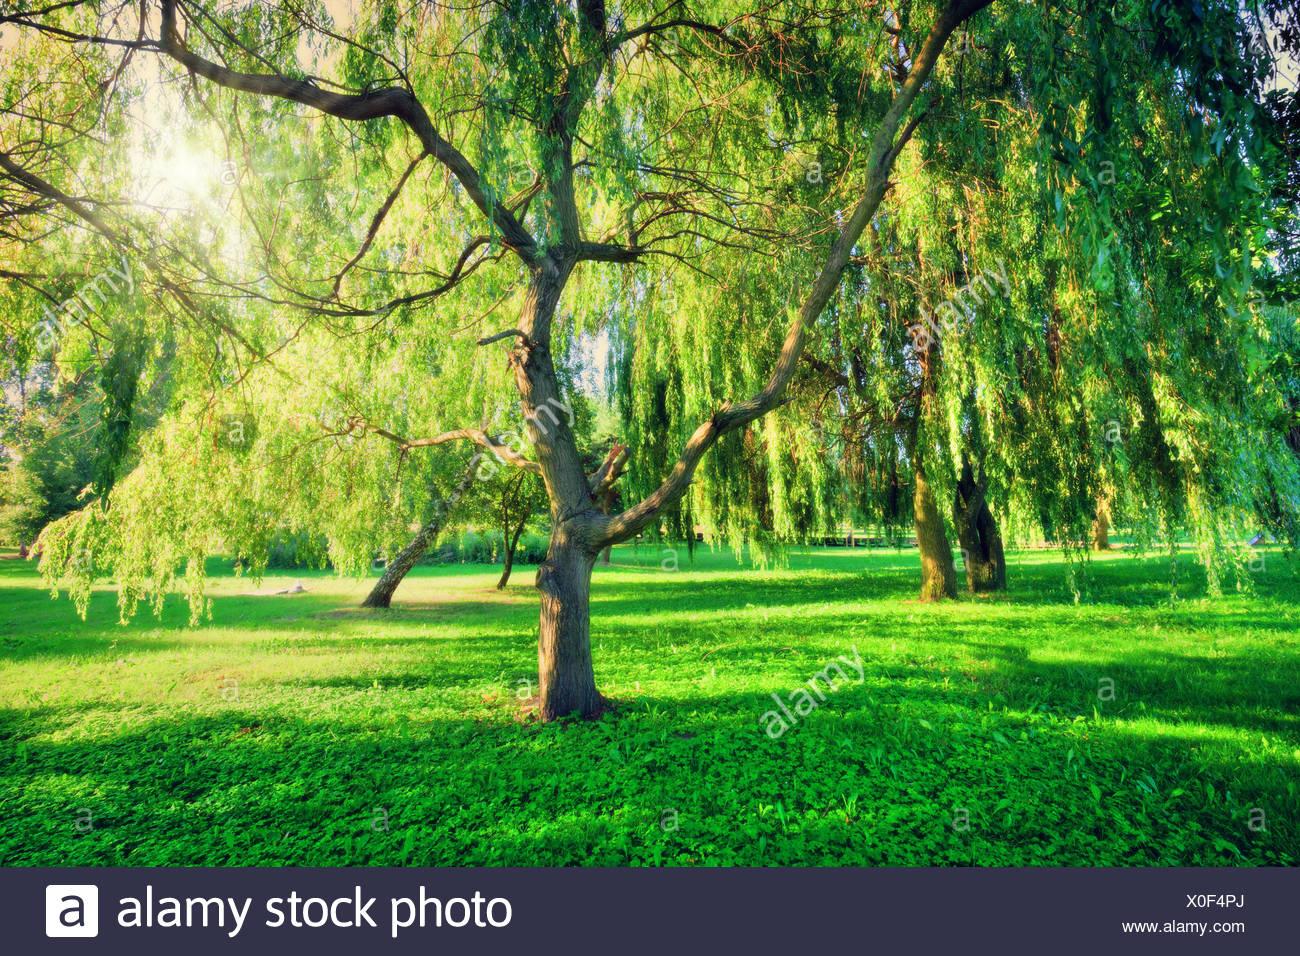 Green Theme Stockfotos & Green Theme Bilder - Alamy